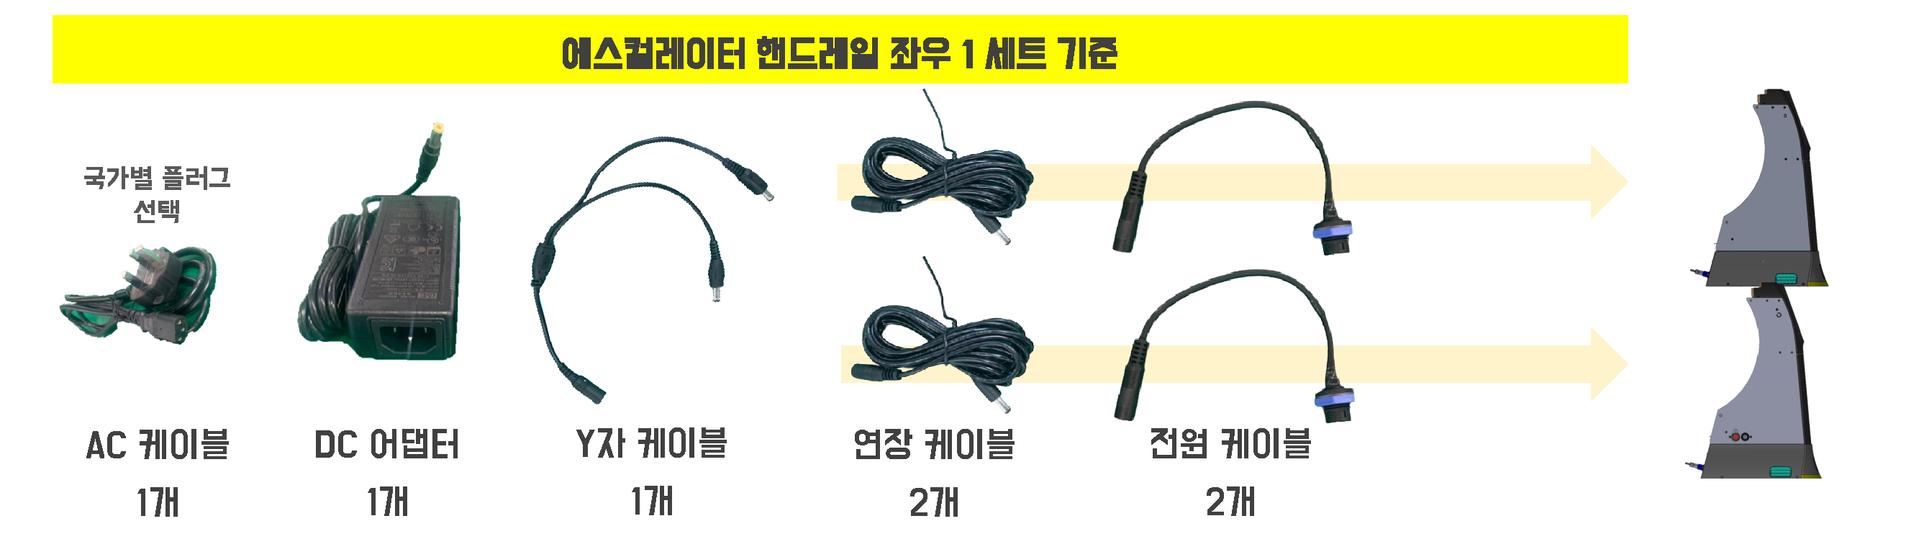 위클린 - 전기타입 전원 연결 구성품들